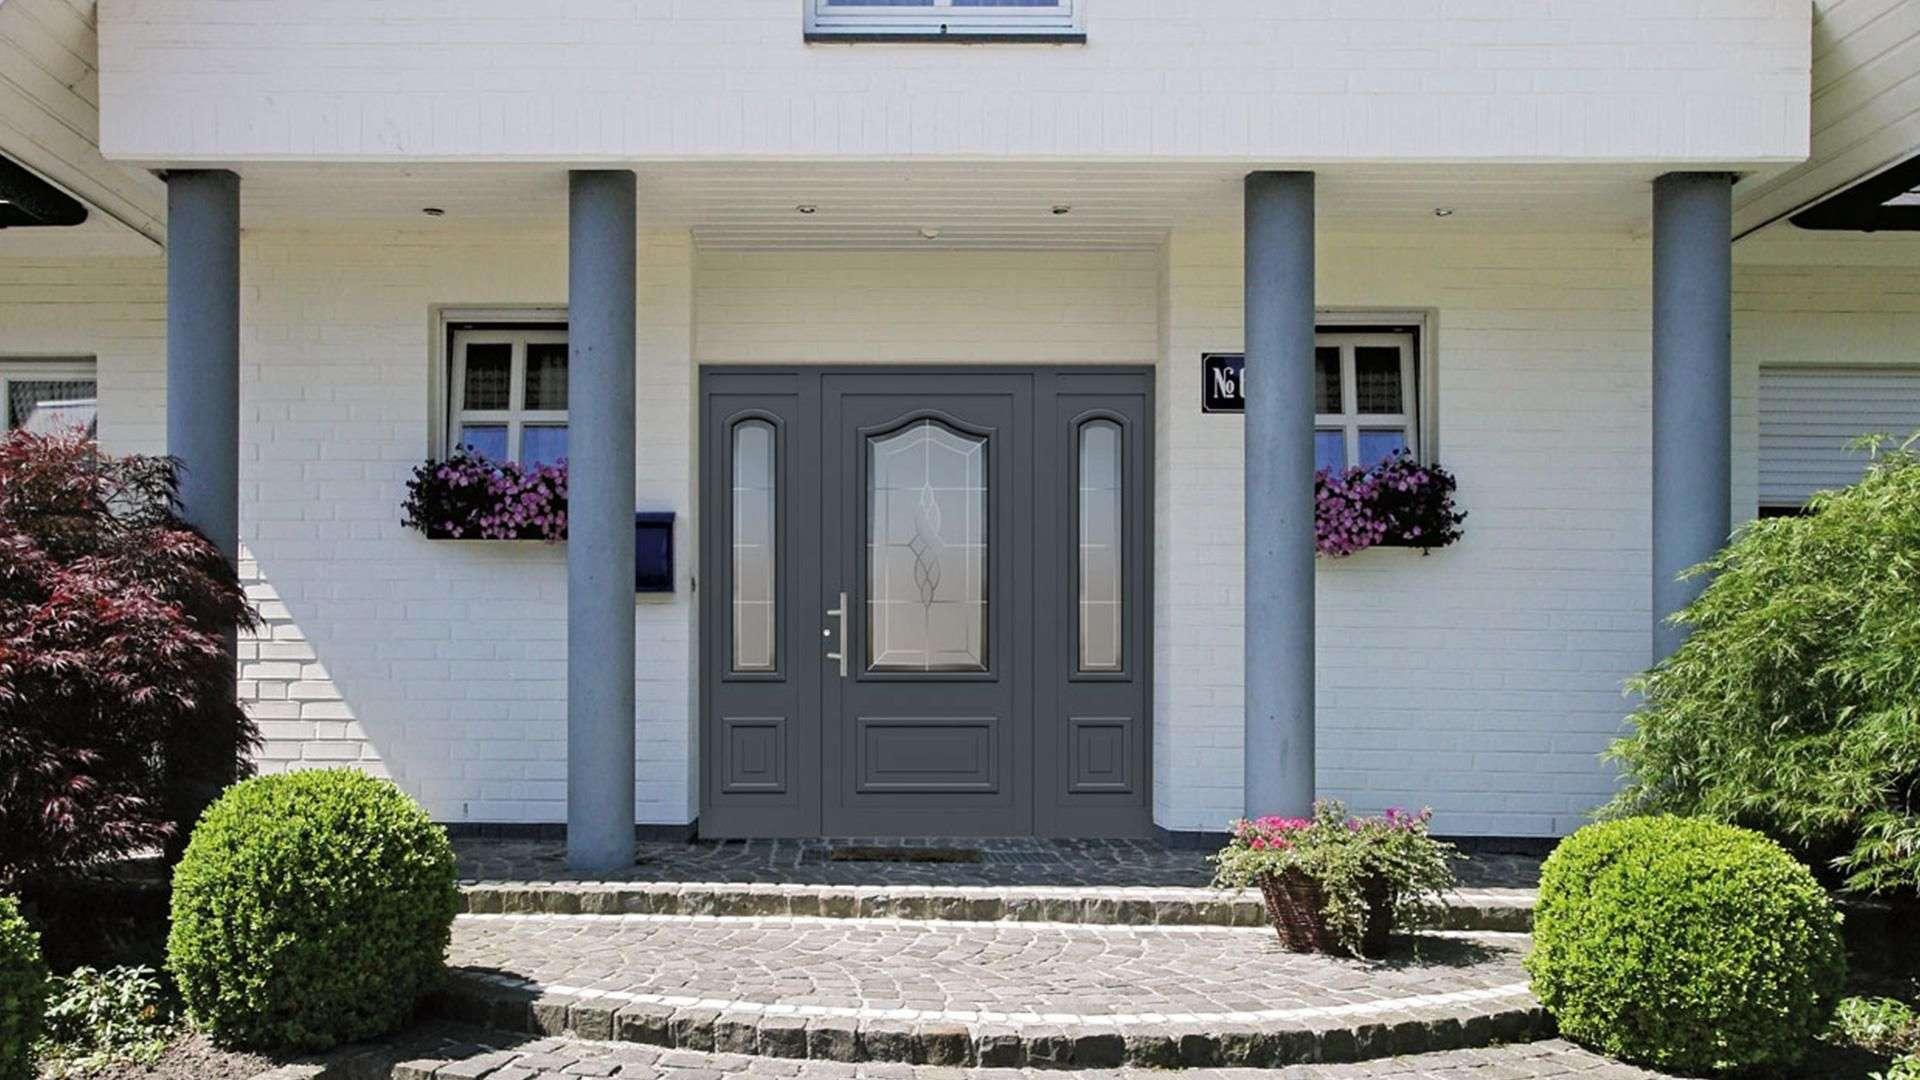 Kompotherm Haustür im Rembrandt-Design in einem weißen Haus mit je zwei grauen Säulen links und rechts